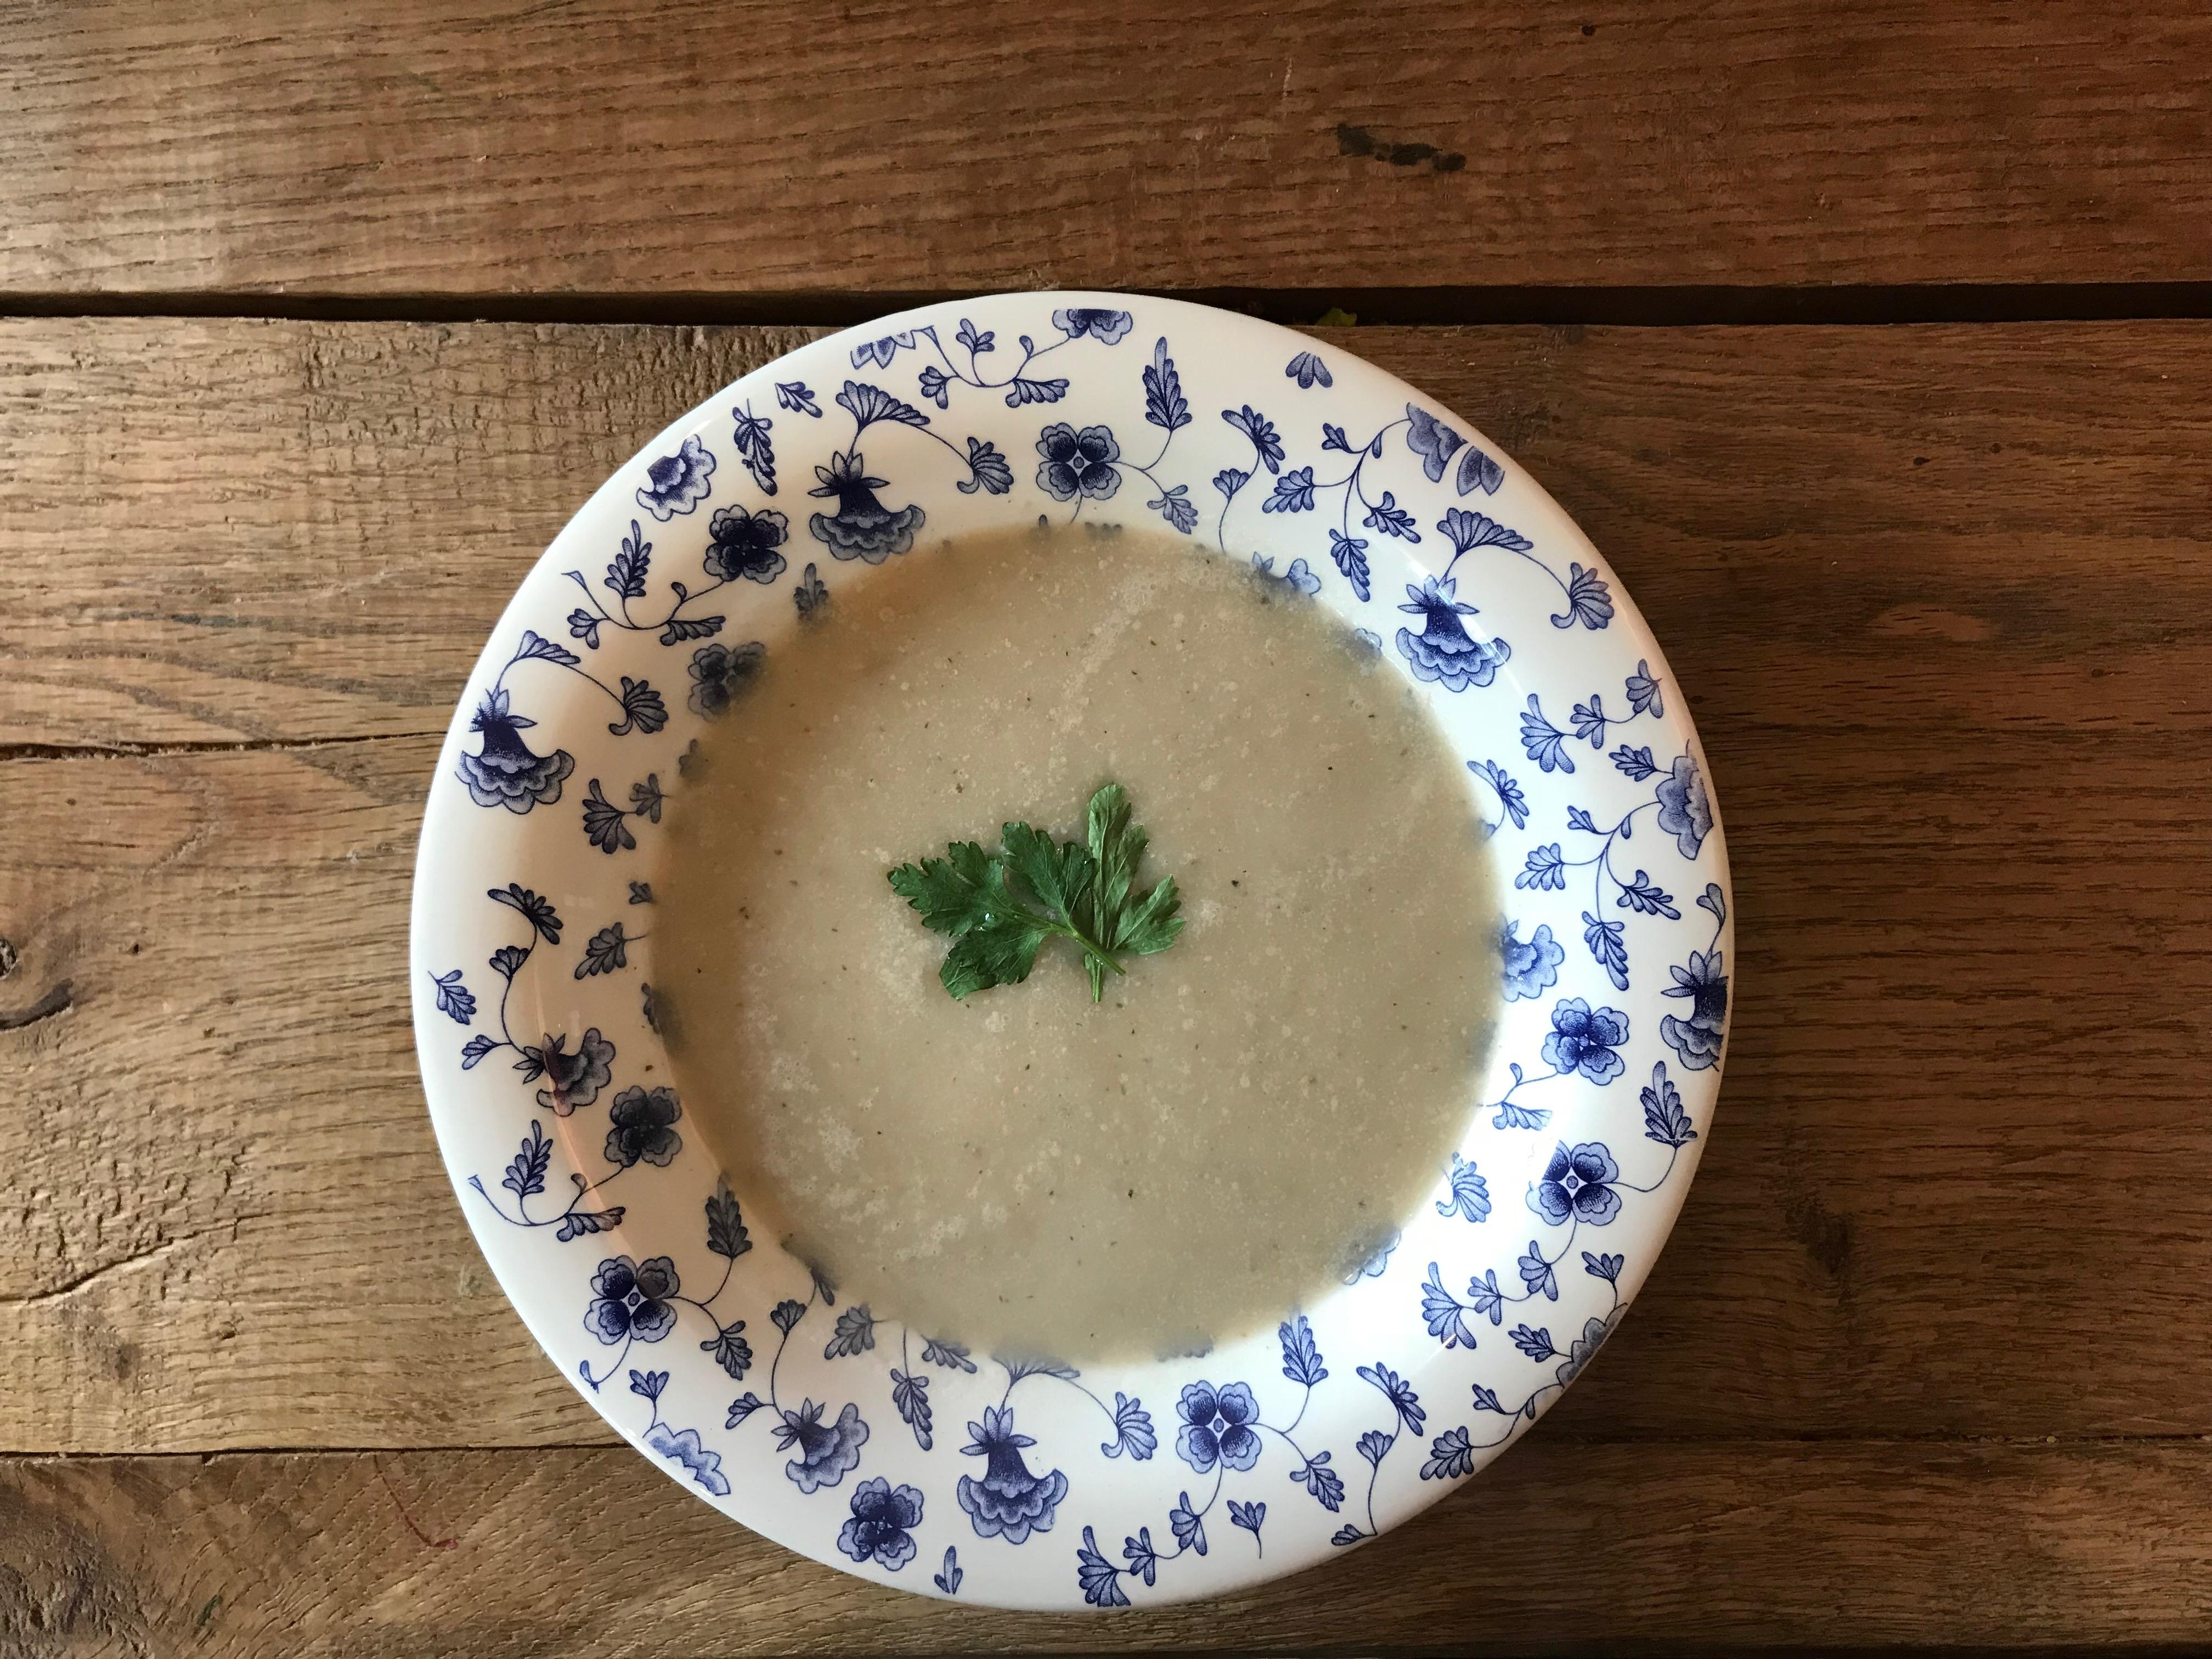 Knolselderij soep met scheutje witte wijn en citroen zest